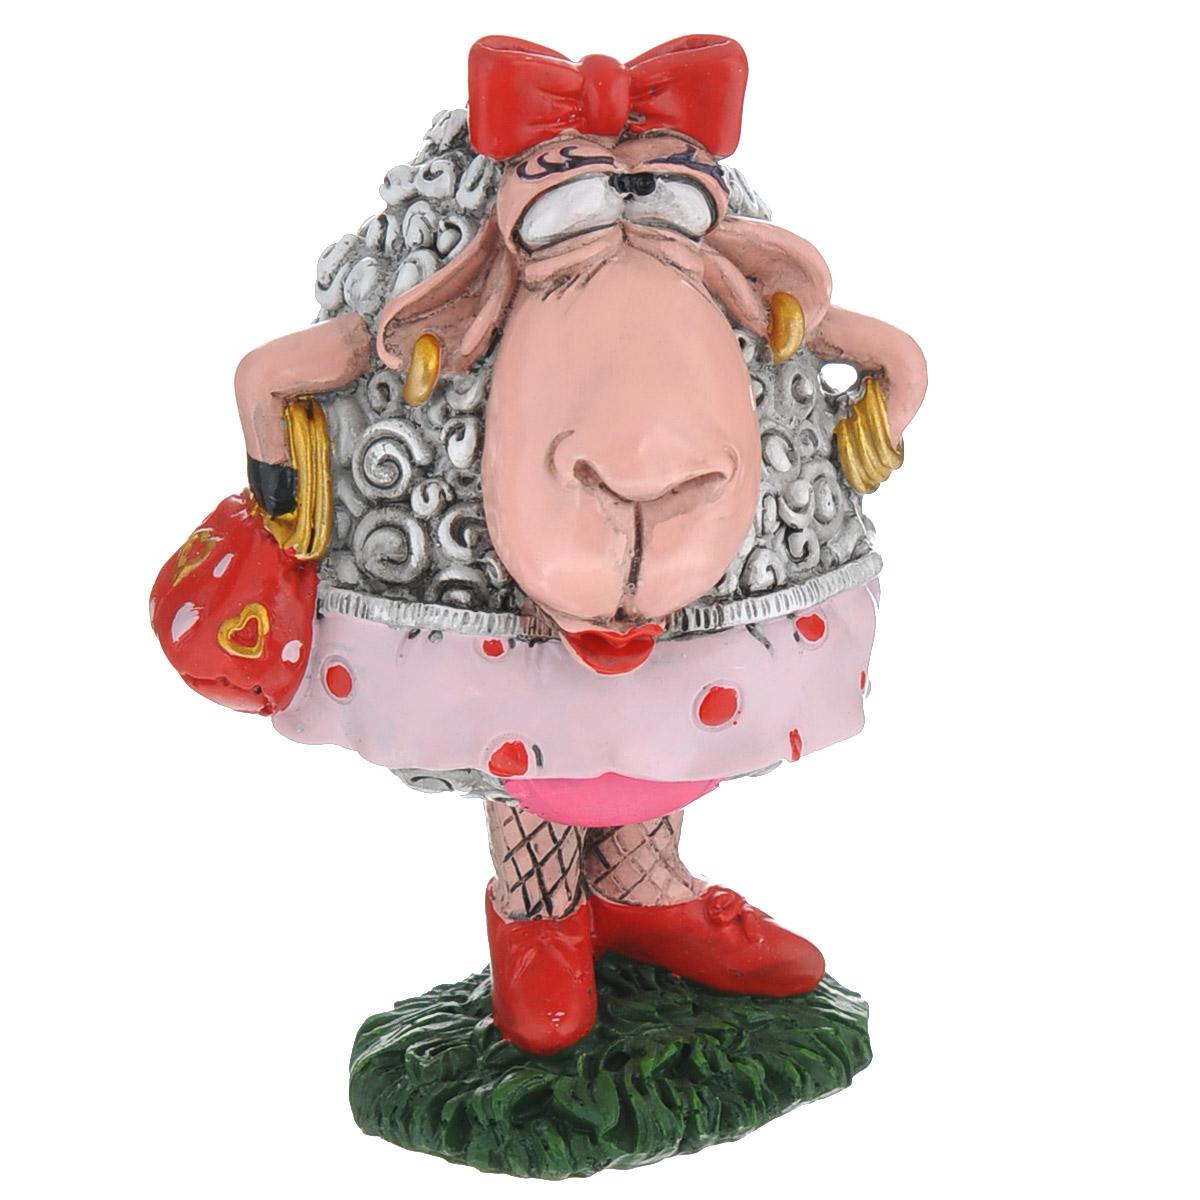 Статуэтка декоративная Comical World Овечка-модница, цвет: серый, красныйUP210DFОригинальная декоративная статуэтка Comical World Овечка-модница выполнена из полистоуна в виде красивой овечки с сумочкой и бантиком на голове. Такая статуэтка - отличный вариант для новогоднего подарка для ваших близких и друзей.